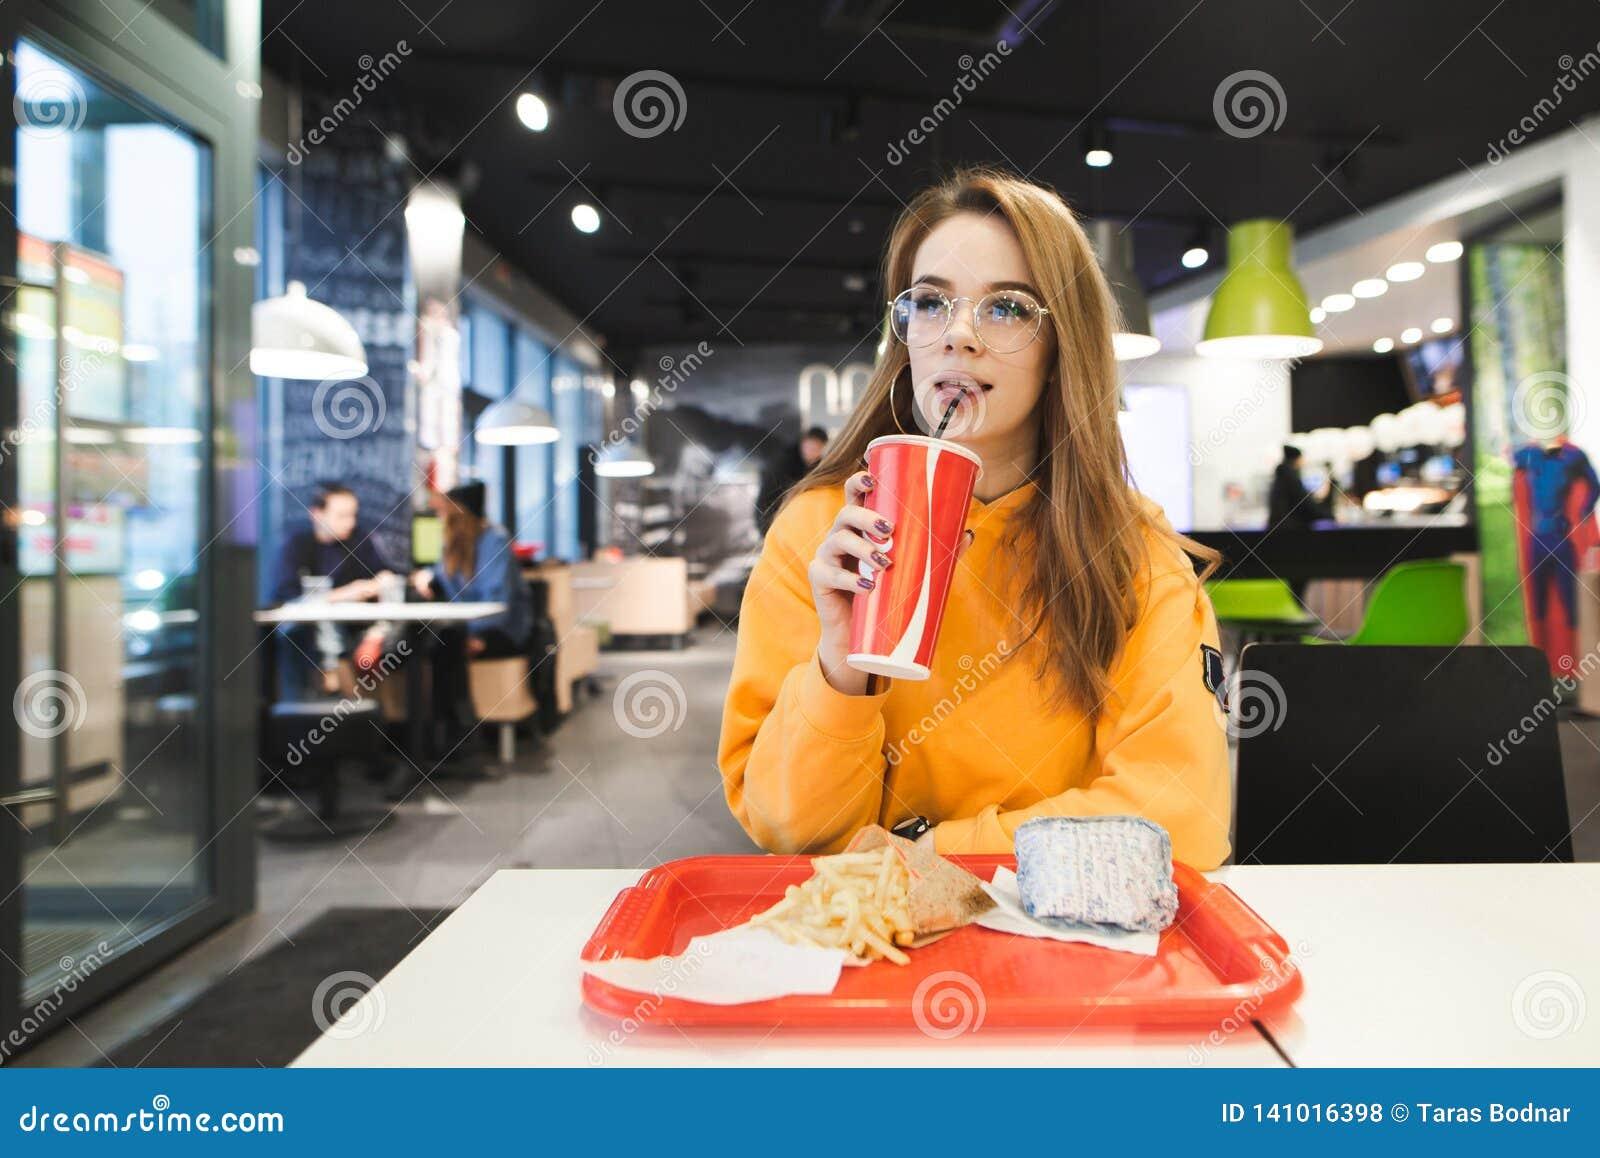 Привлекательная девушка в стеклах сидя в ресторане фаст-фуда с подносом французских картофеля фри и бургера и колы напитка